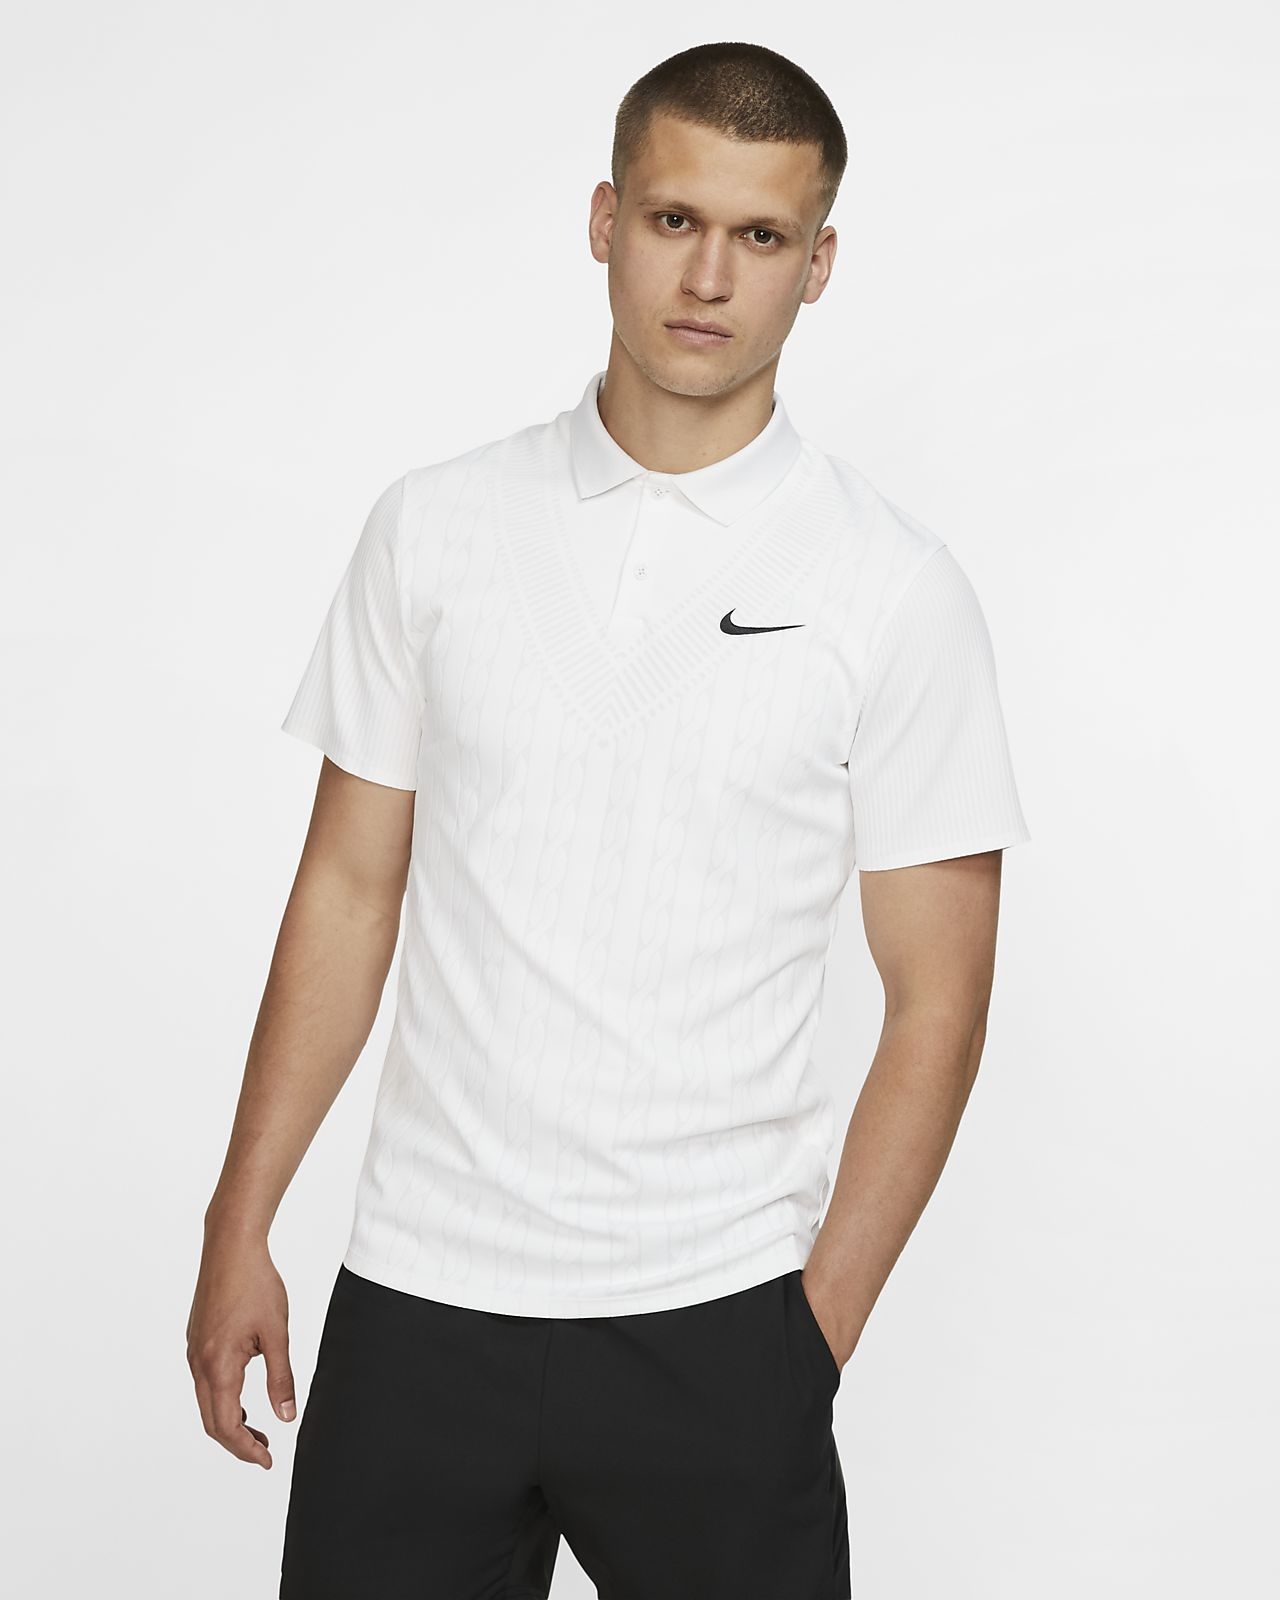 NikeCourt Advantage Erkek Tenis Polo Üst